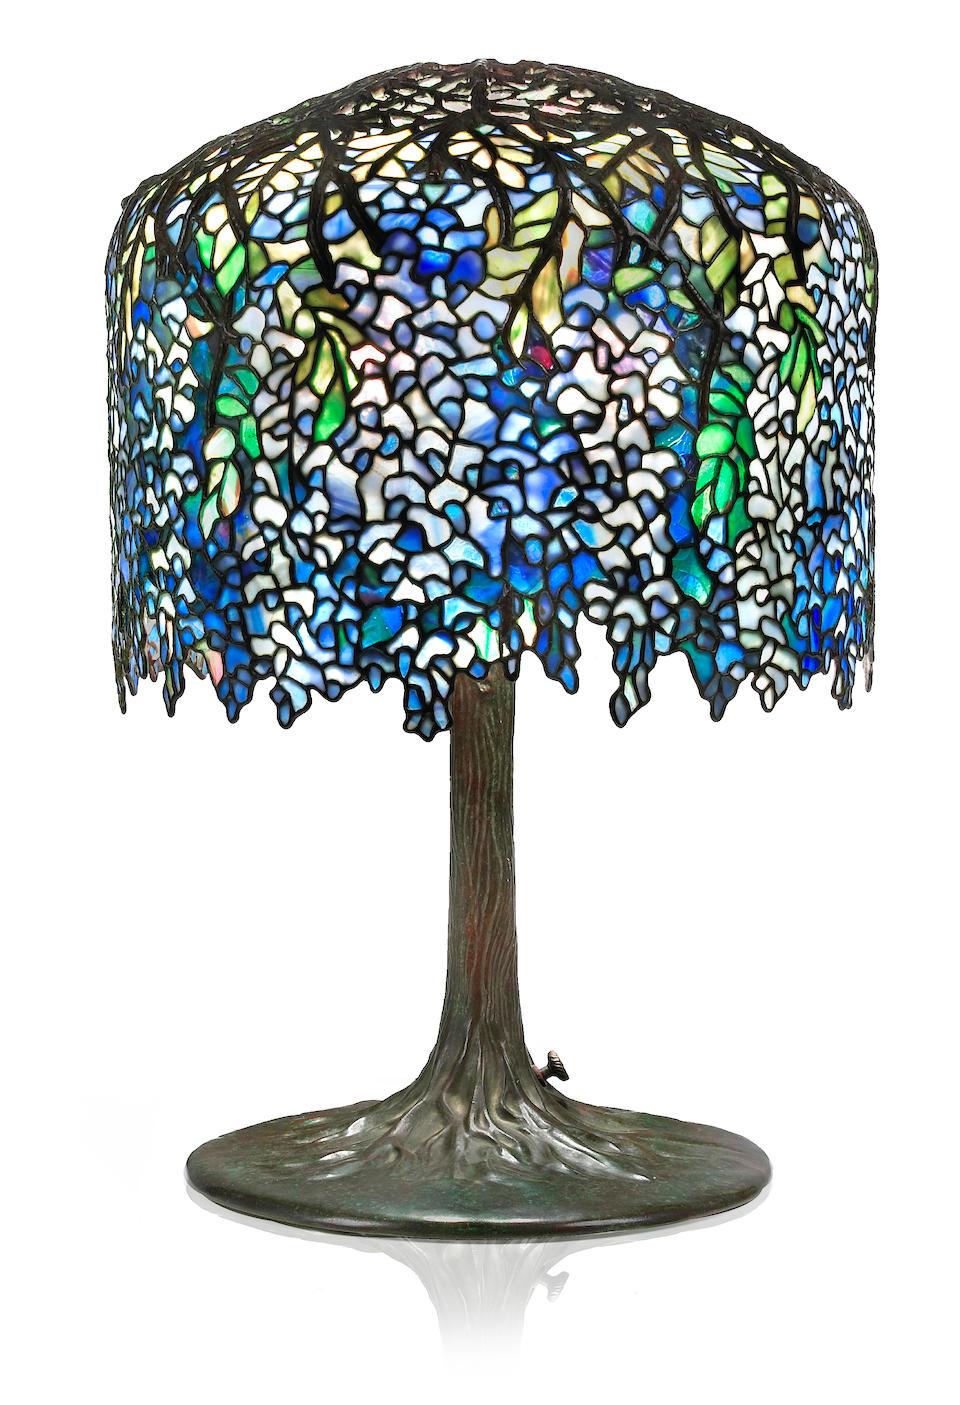 A fine Tiffany Studios Favrile glass and bronze Wisteria table lamp 1899-1918